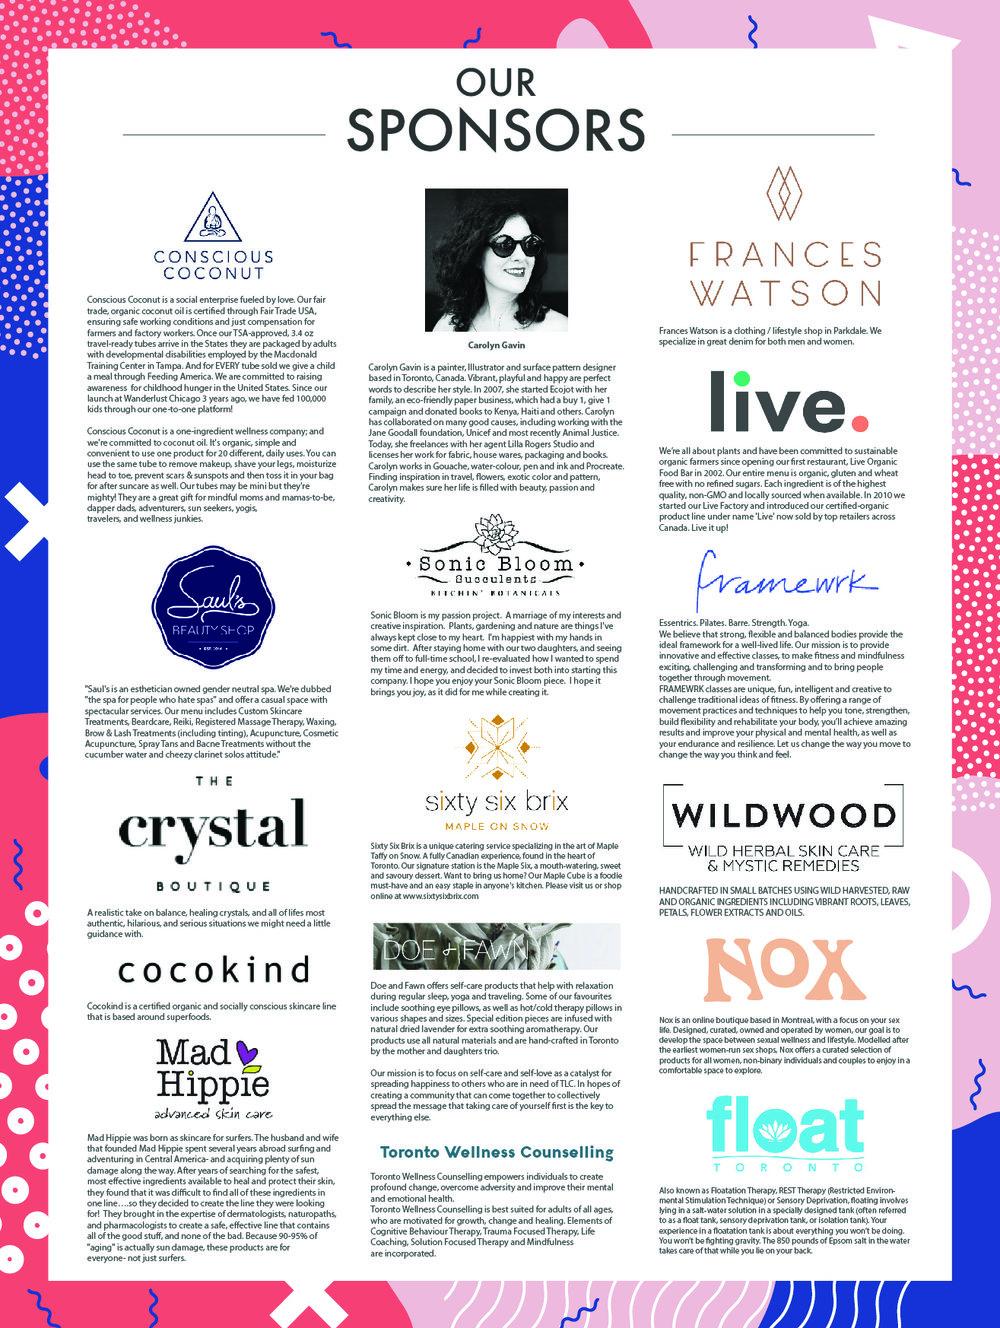 Sponsor-poster-02.jpg